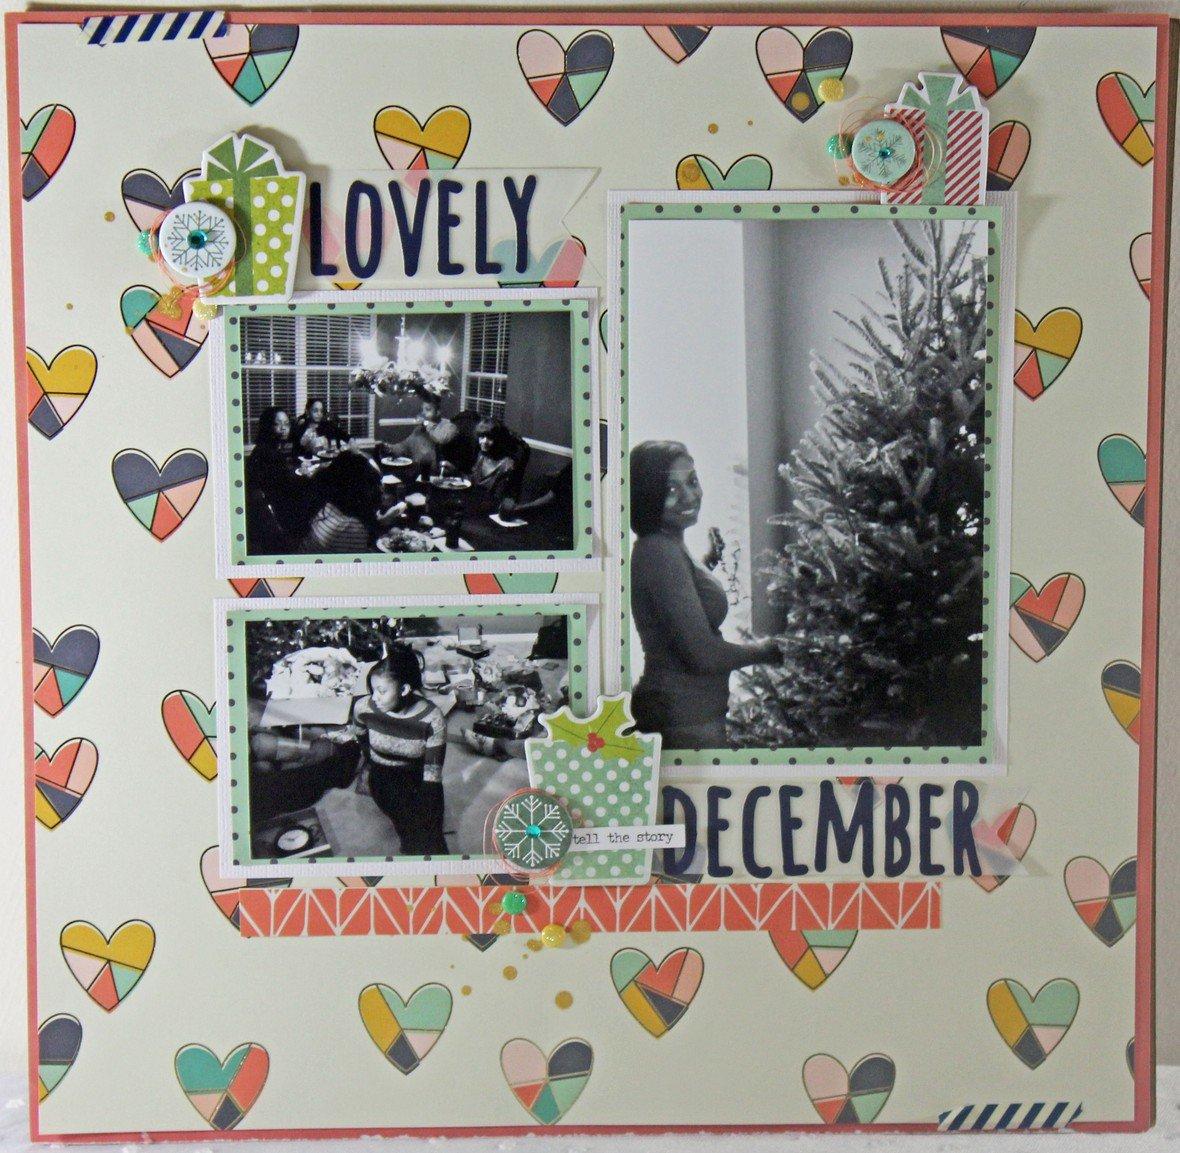 Lovely december original